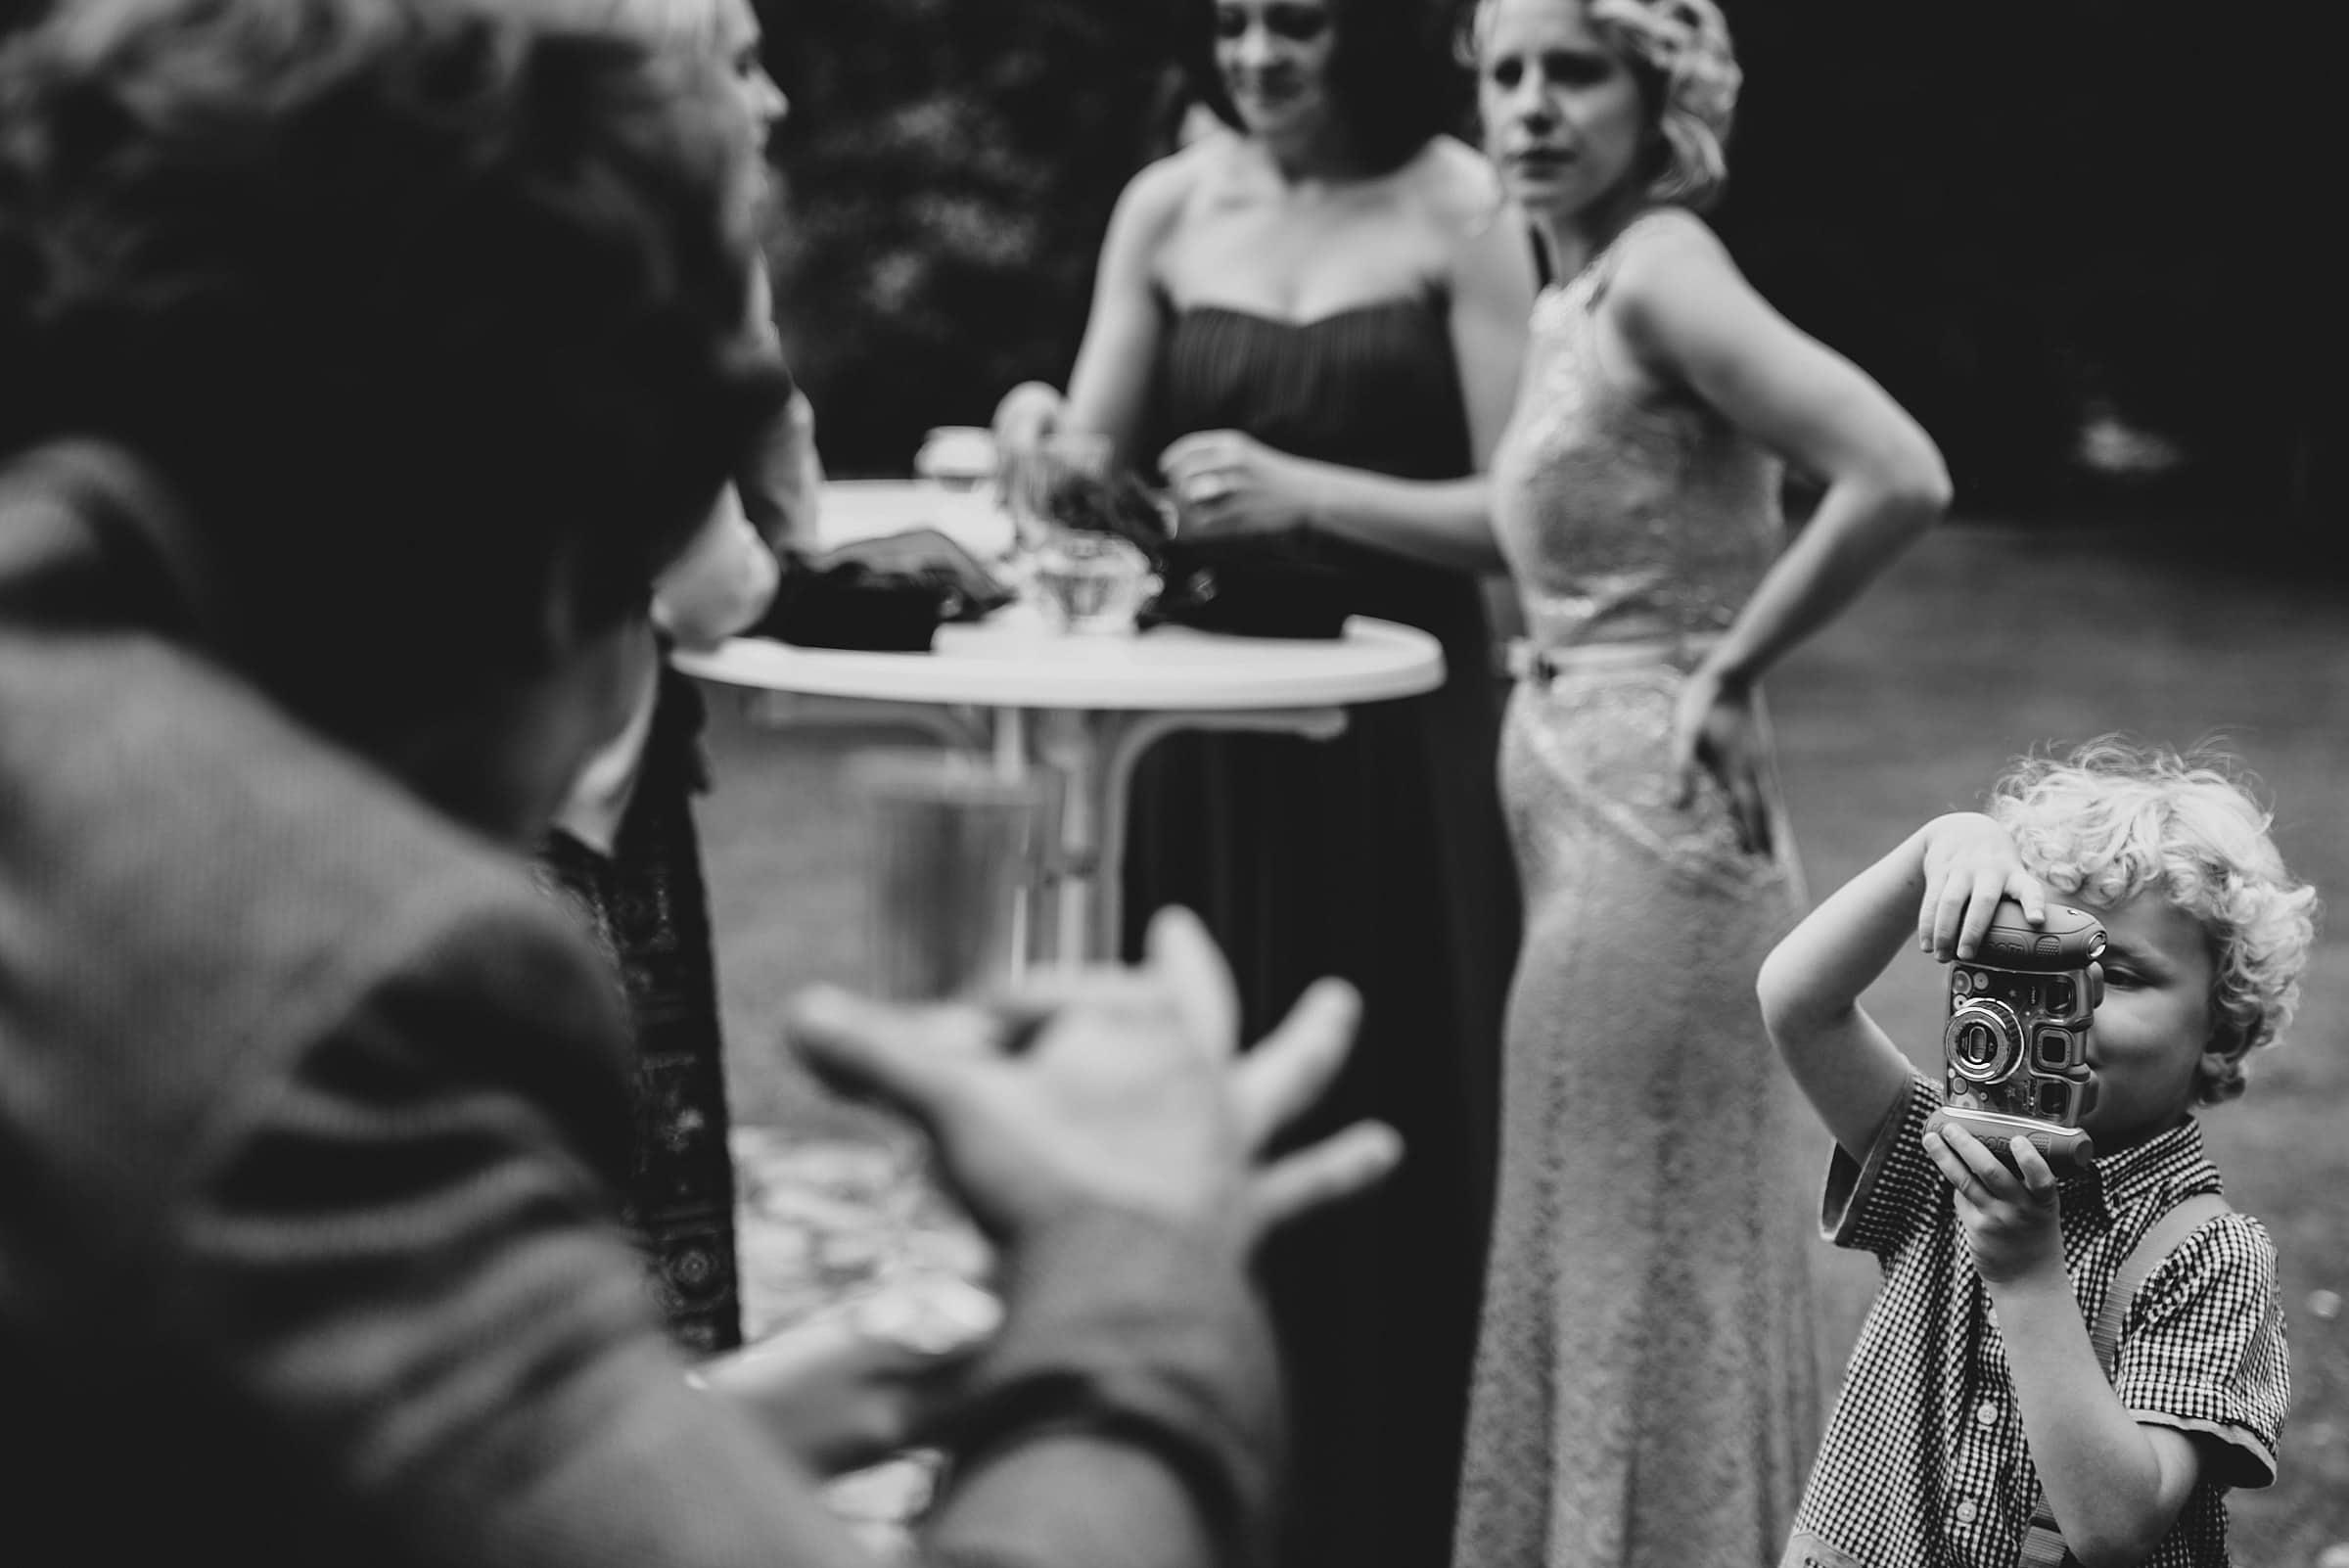 Hochzeitsfotografie-Frau-Siemers-Hof Weihe-Kleiner Junge macht ein Bild vom Bräutigam